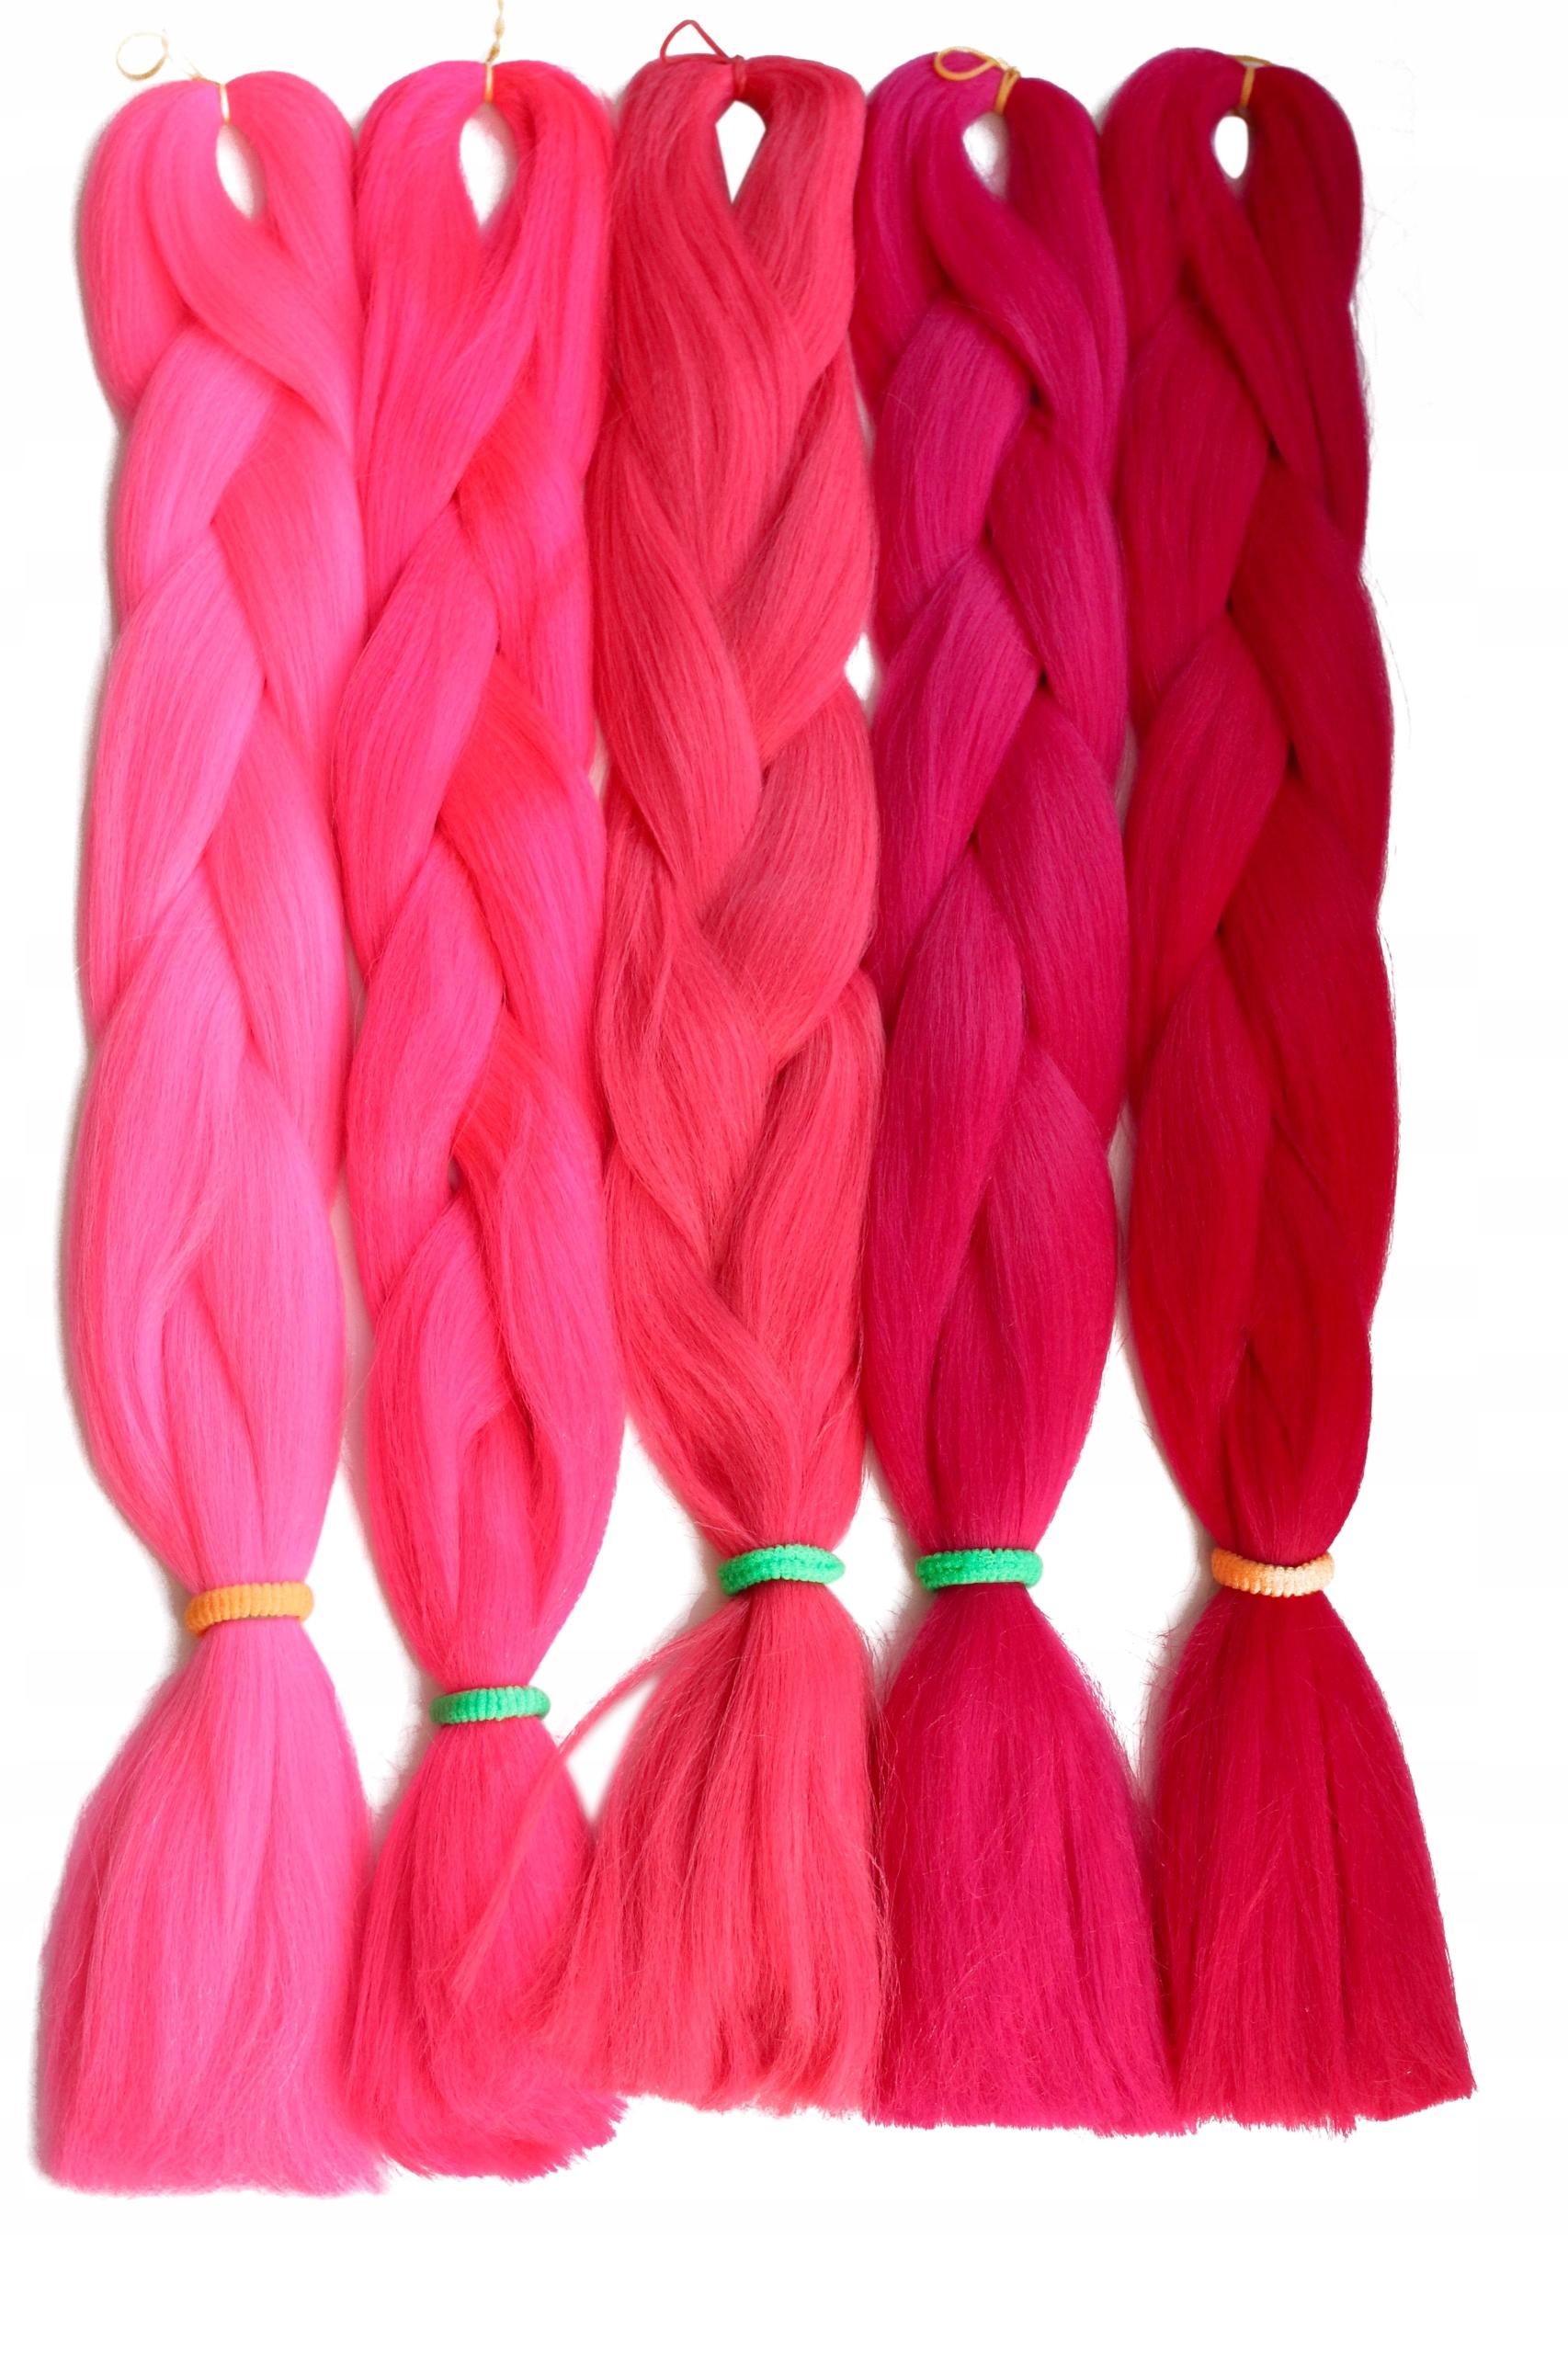 Włosy syntetyczne kolorowe warkoczyki 64 kolory